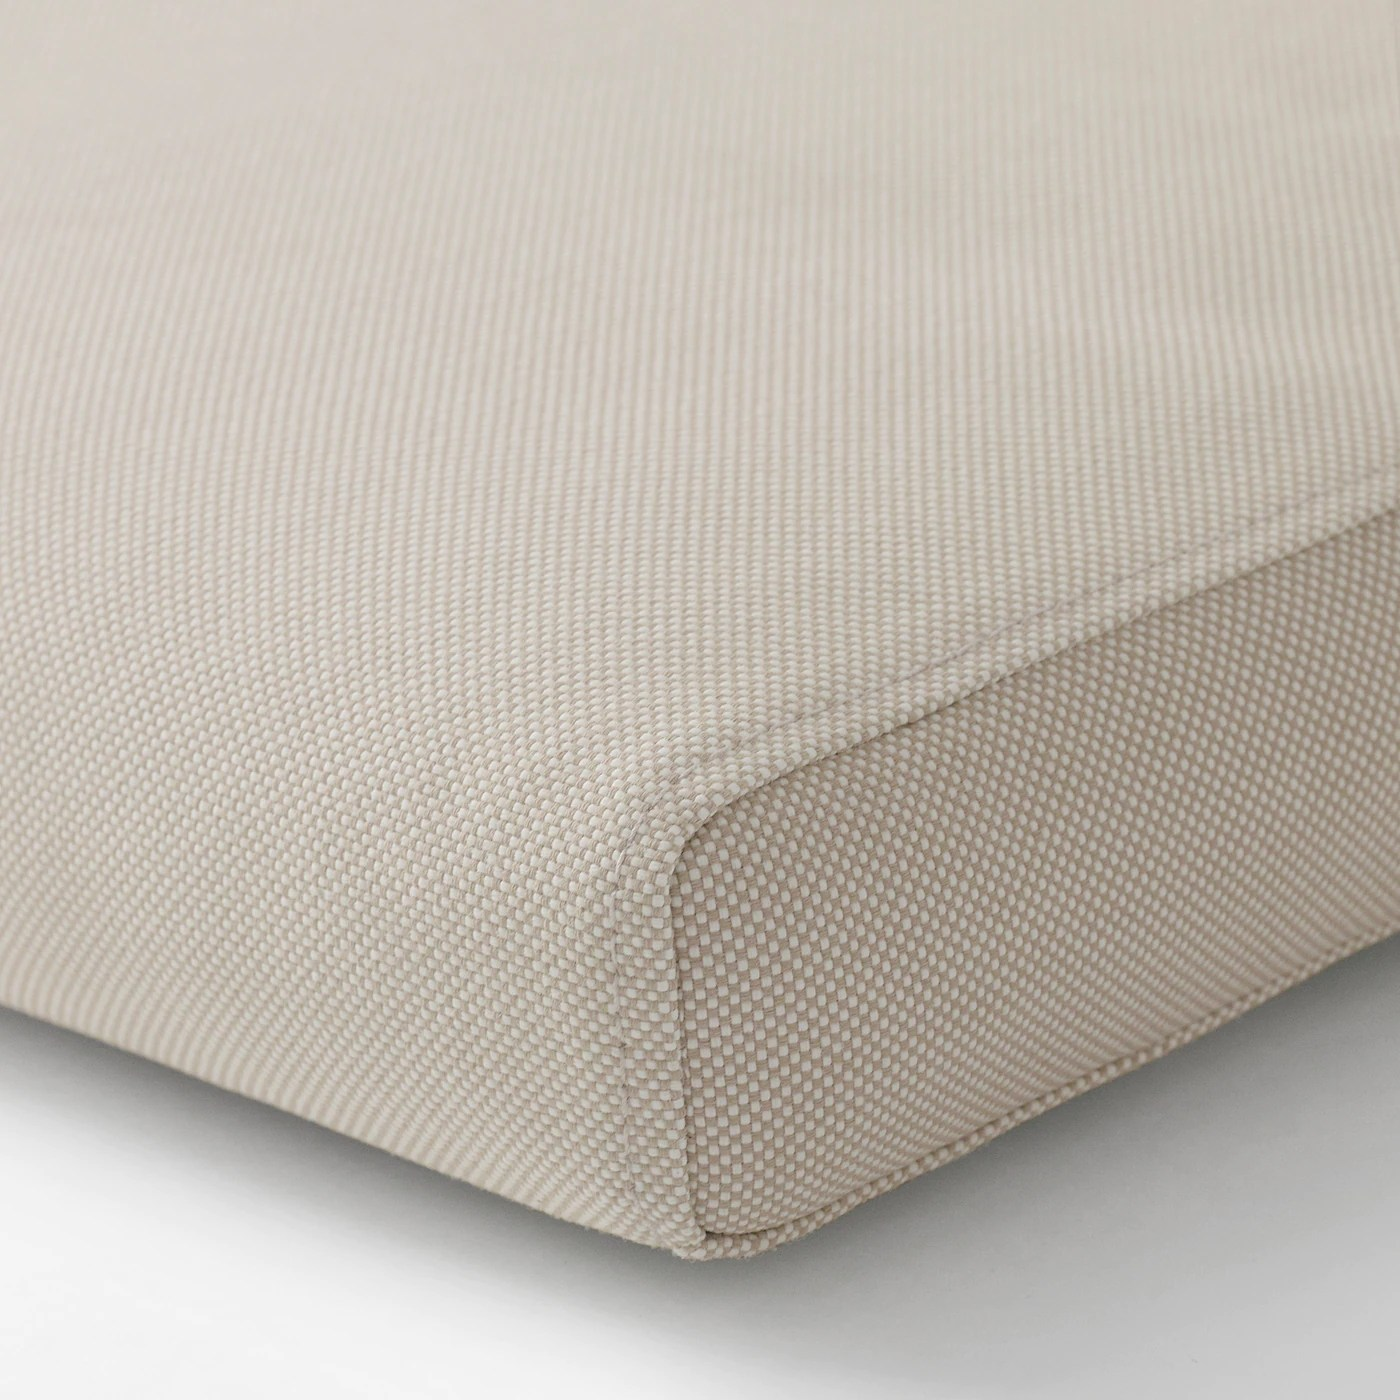 froson housse pour coussin assise dossier exterieur beige 116x45 cm